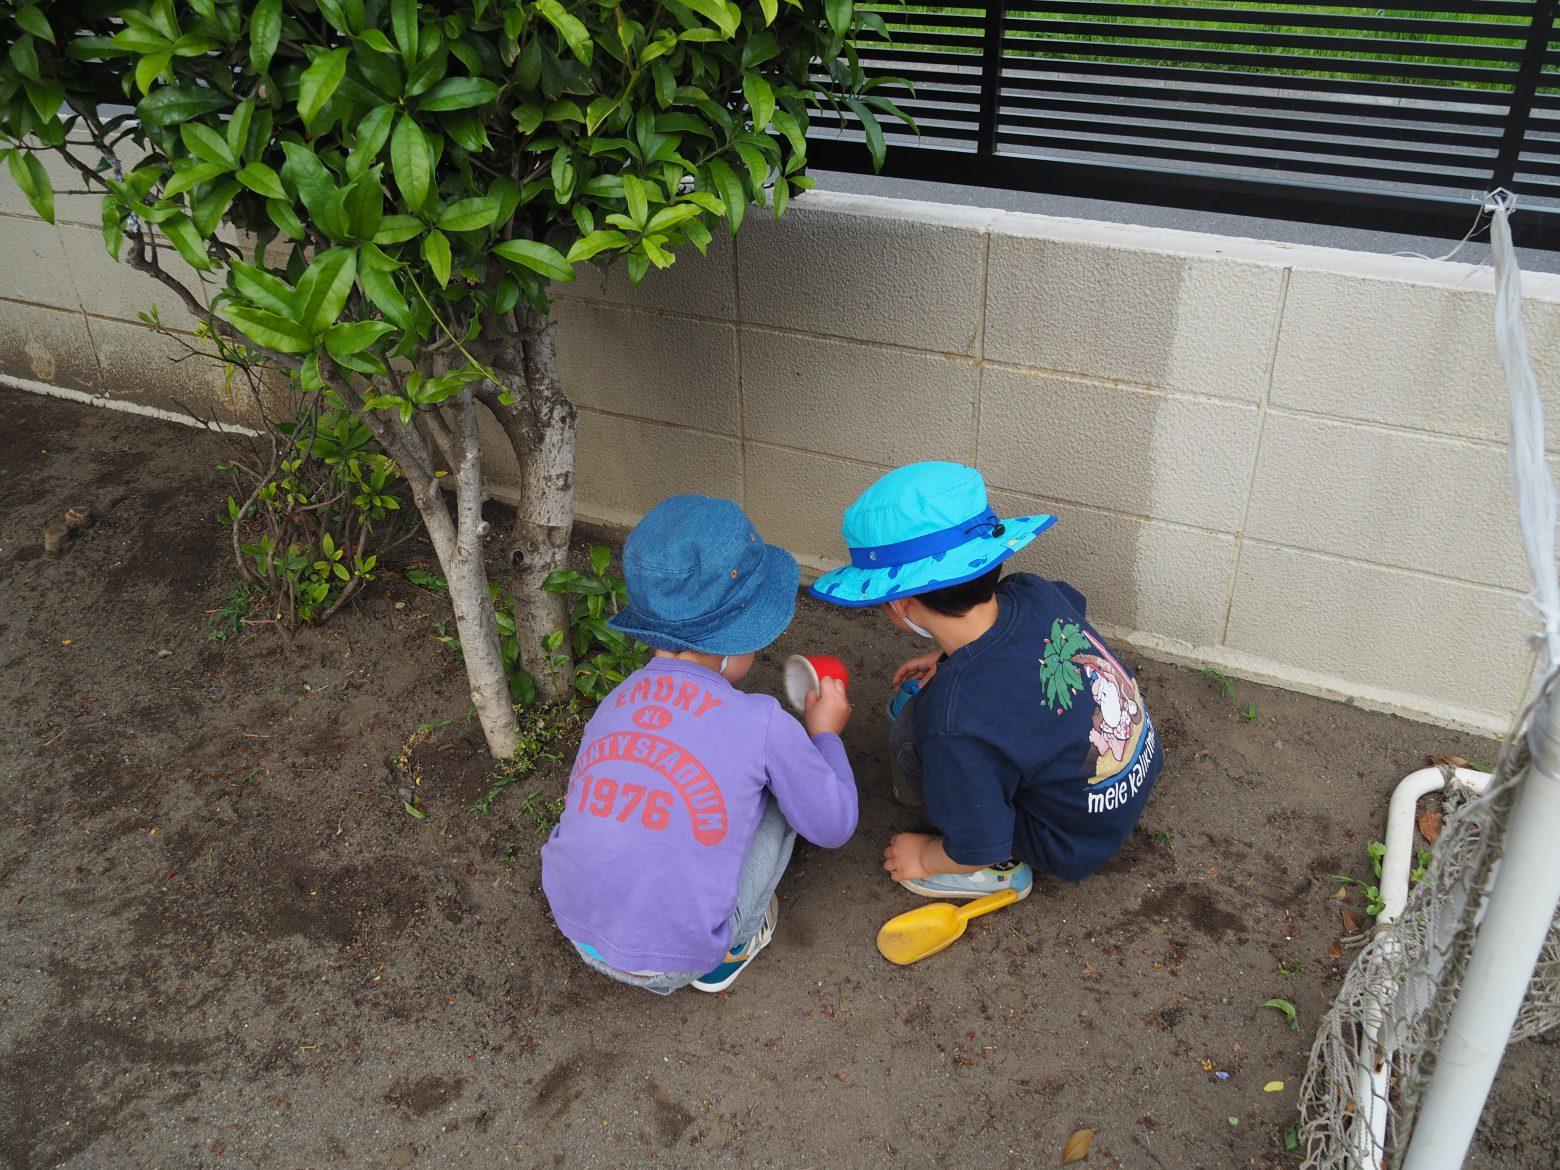 園庭で虫探し